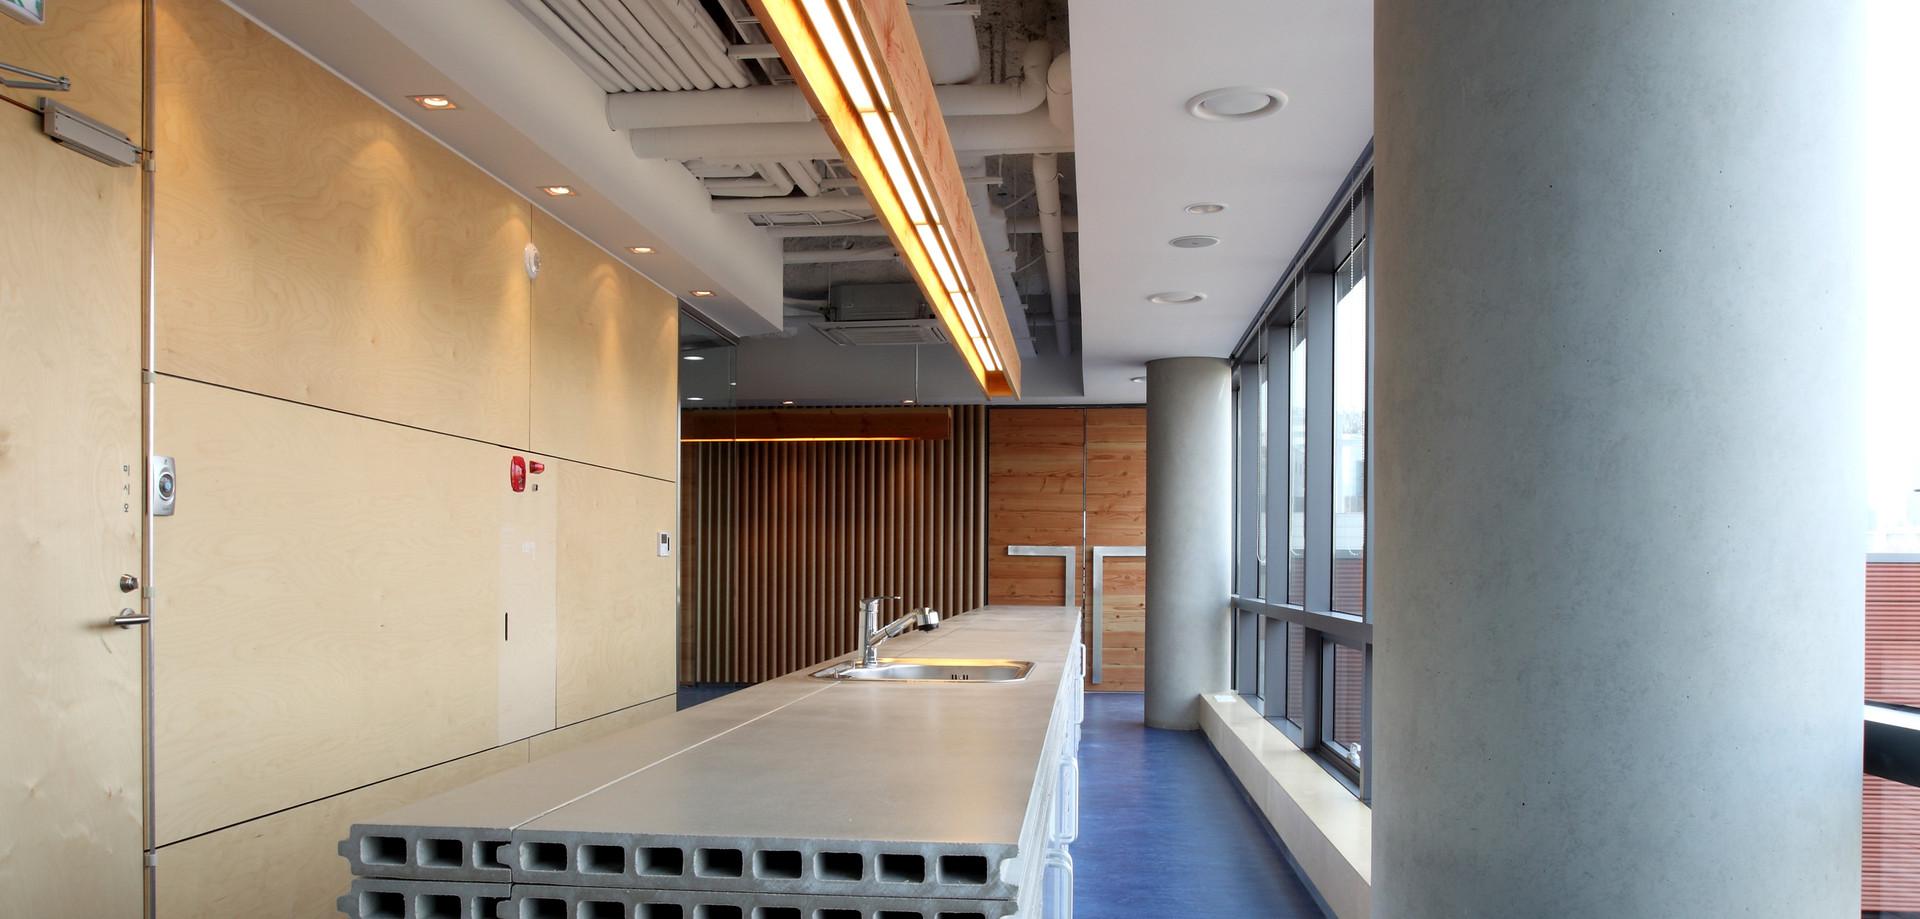 6층 canteen (9).jpg